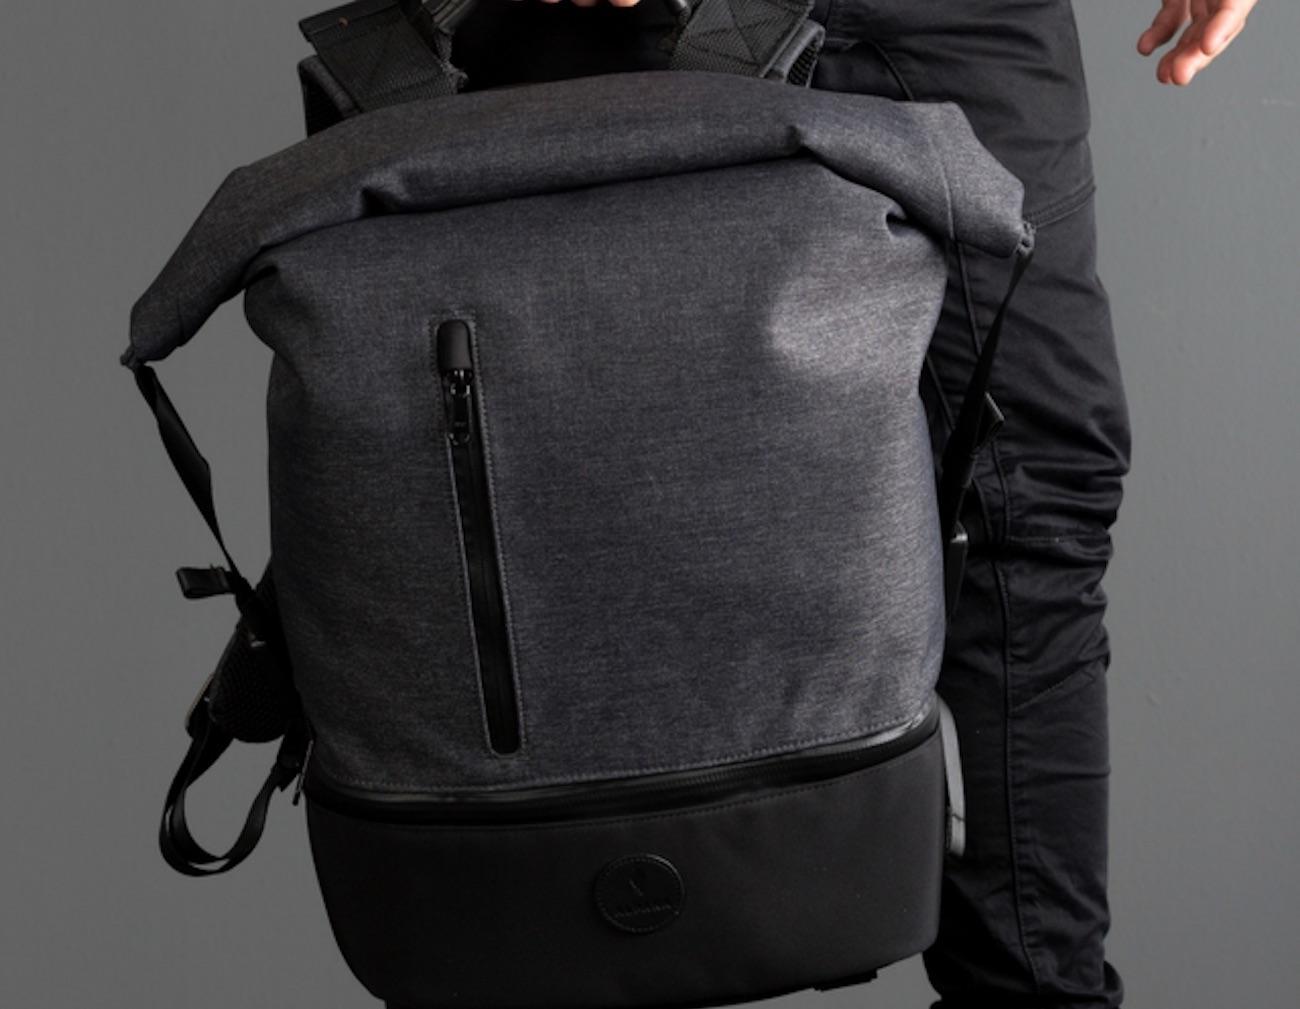 ALPAKA Shift Pack Rolltop Backpack